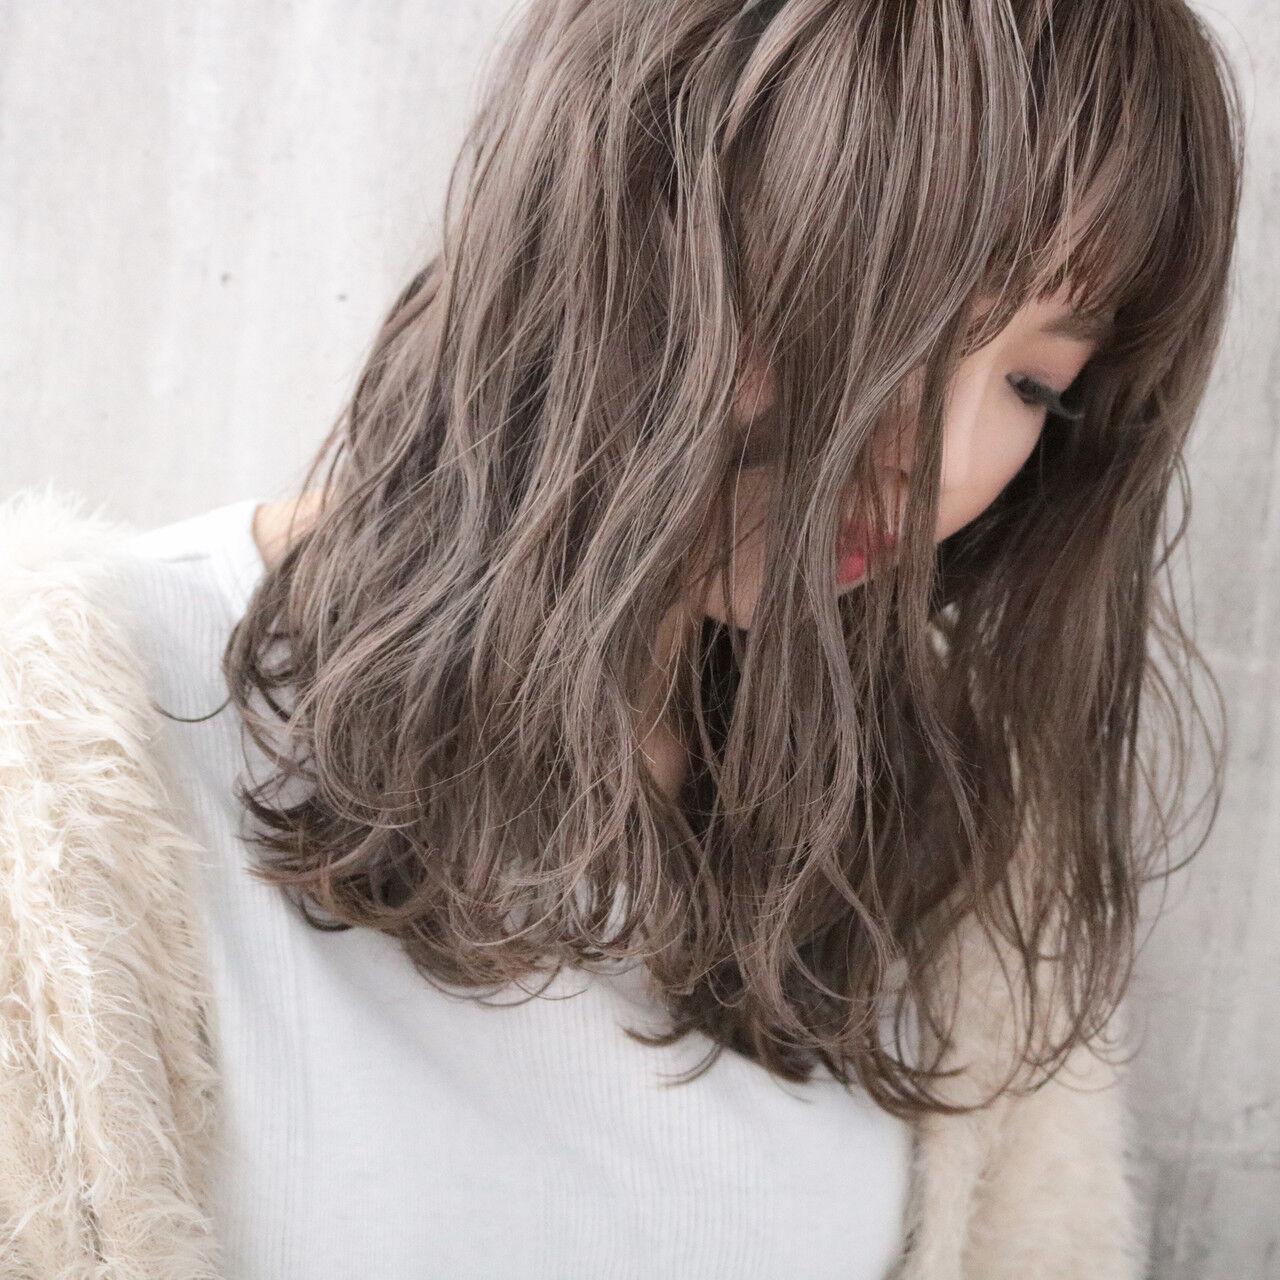 ナチュラル 外国人風カラー アンニュイほつれヘア ミルクティーベージュヘアスタイルや髪型の写真・画像